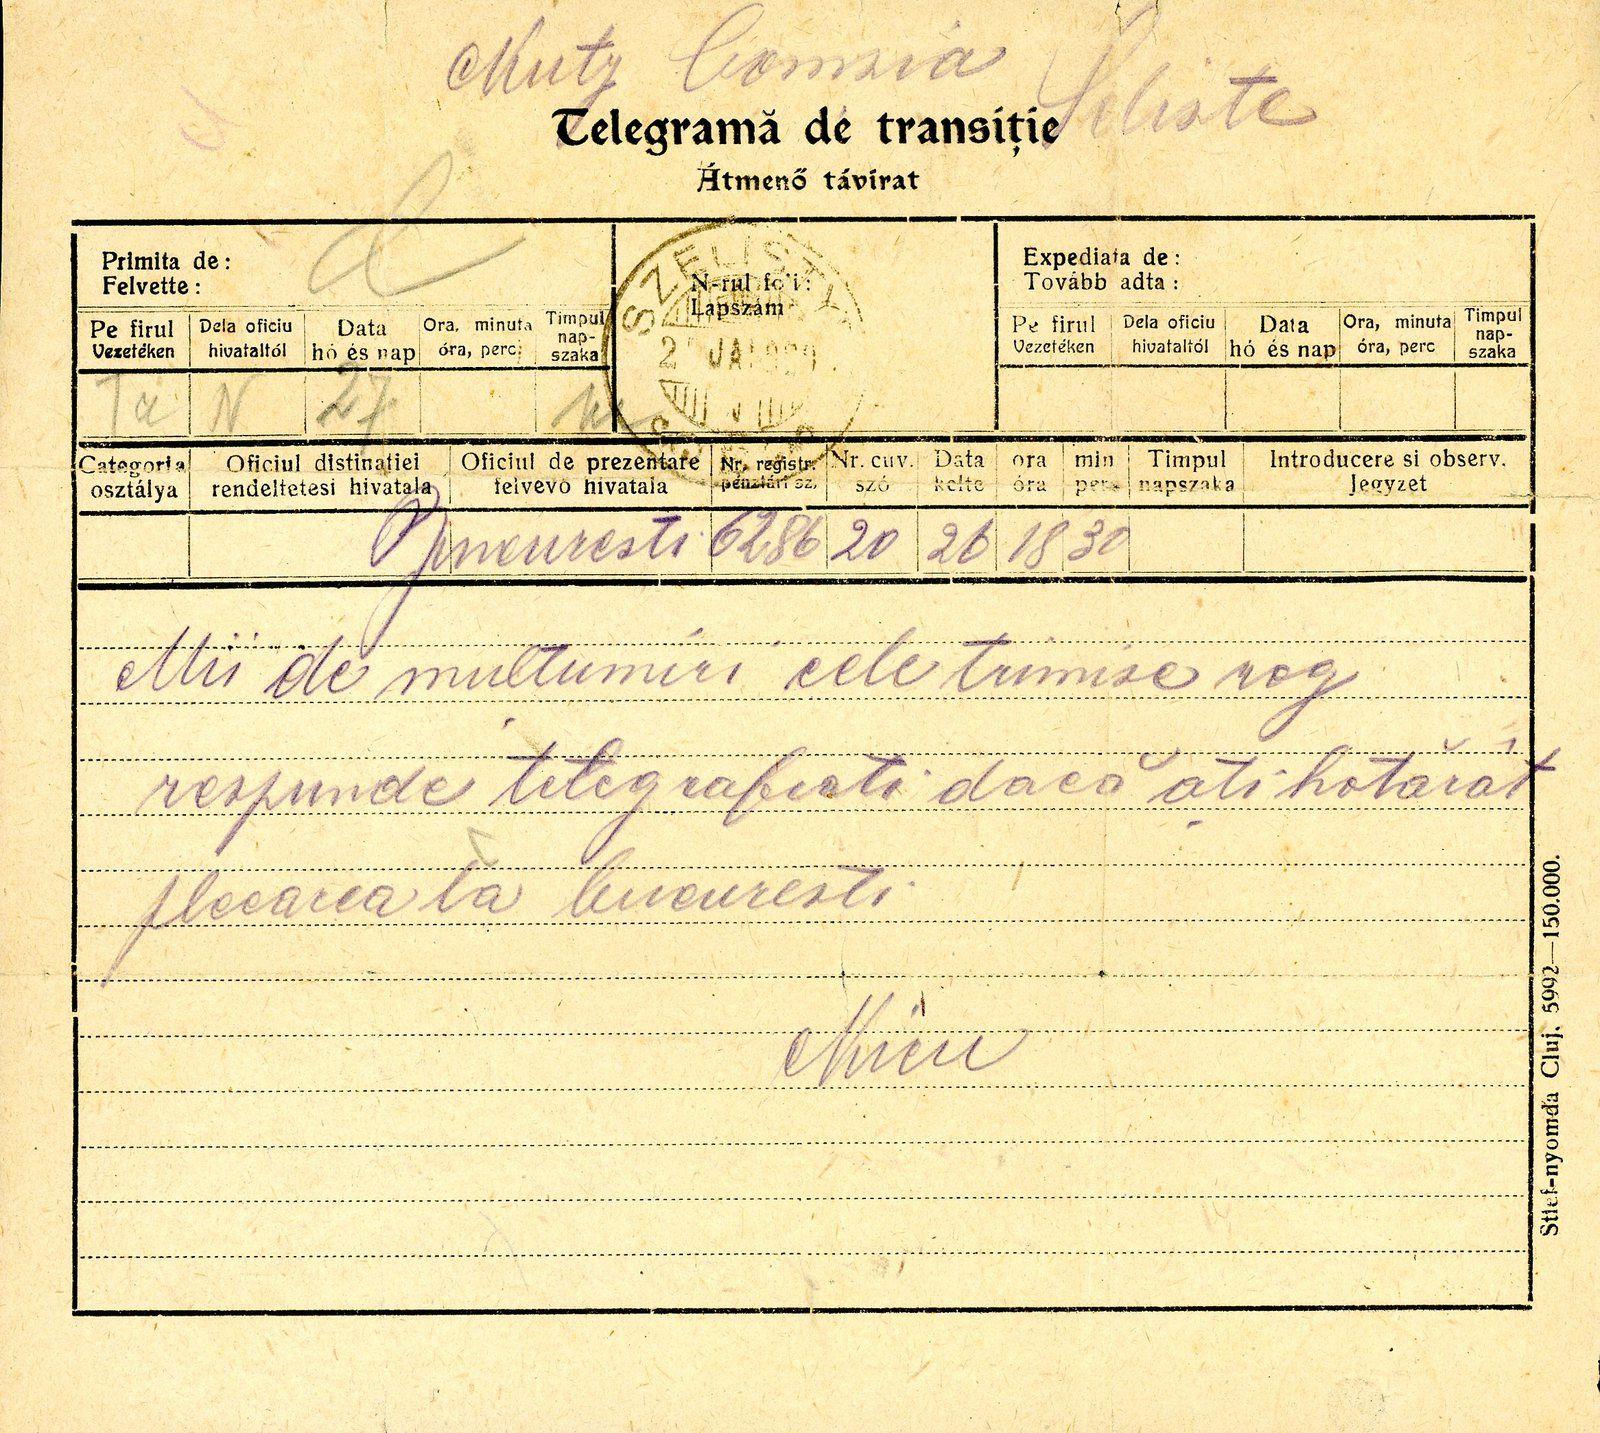 Fig.24: Formulaire de télégramme hongrois, utilisé à Brașov (Brasso) le 14.04.1919, CAD hongrois, annotation manuscrite de censure en roumain. Fig.25: Formulaire de télégramme de transition, en hongrois et roumain, utilisé à Săliște (Szelistye) le 26.01.1920. Fig.26: Formulaire de télégramme de service bilingue en roumain et hongrois utilisé à Radna (Maria Radna) le 12.04.1920. Fig.27: Le verso du télégramme de fig.26, CAD et cachet en roumain.